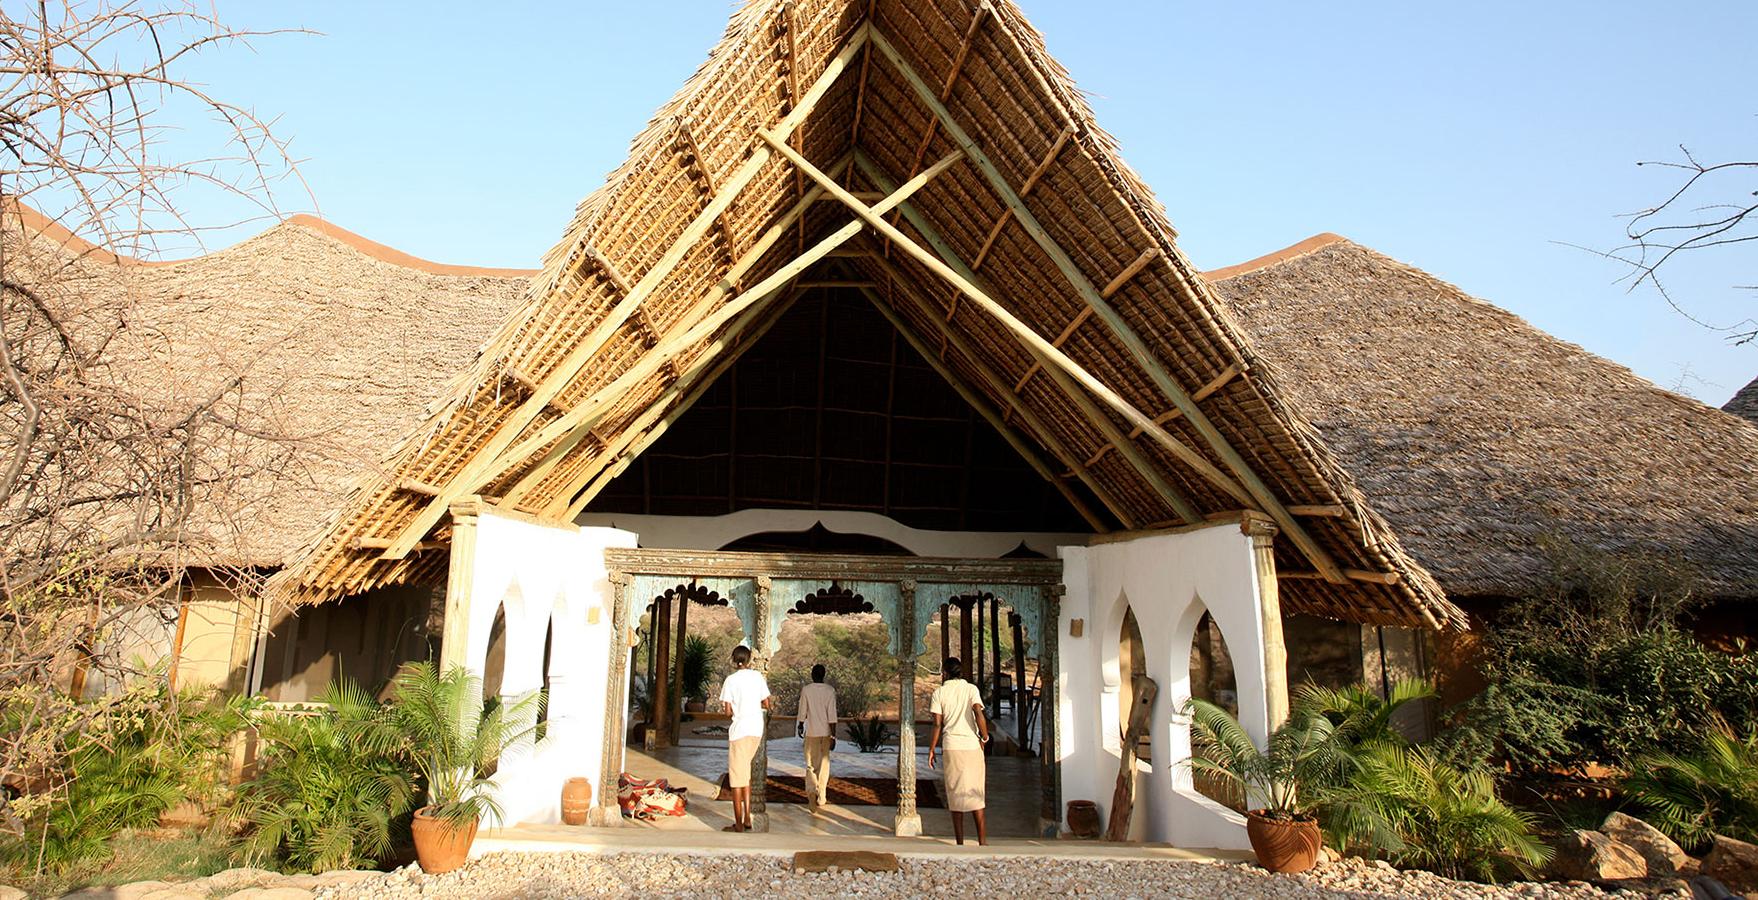 Kenya-Sasaab-Camp-Exterior